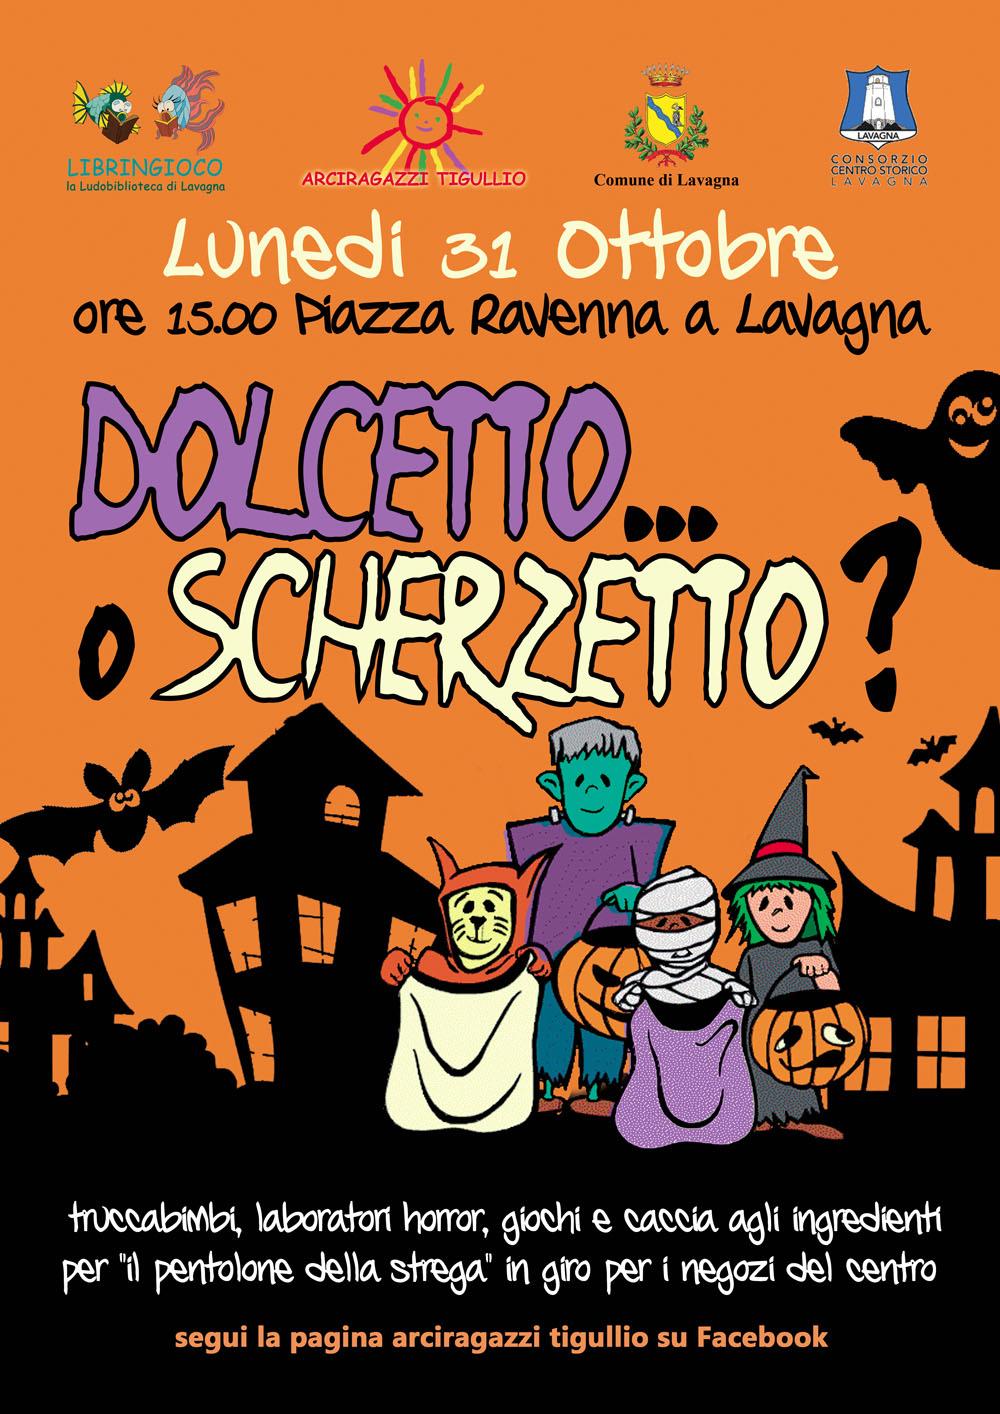 Buona Festa Di Halloween.Halloween Caccia Agli Ingredienti Del Pentolone Della Strega Festa Di Arciragazzi Twebnews